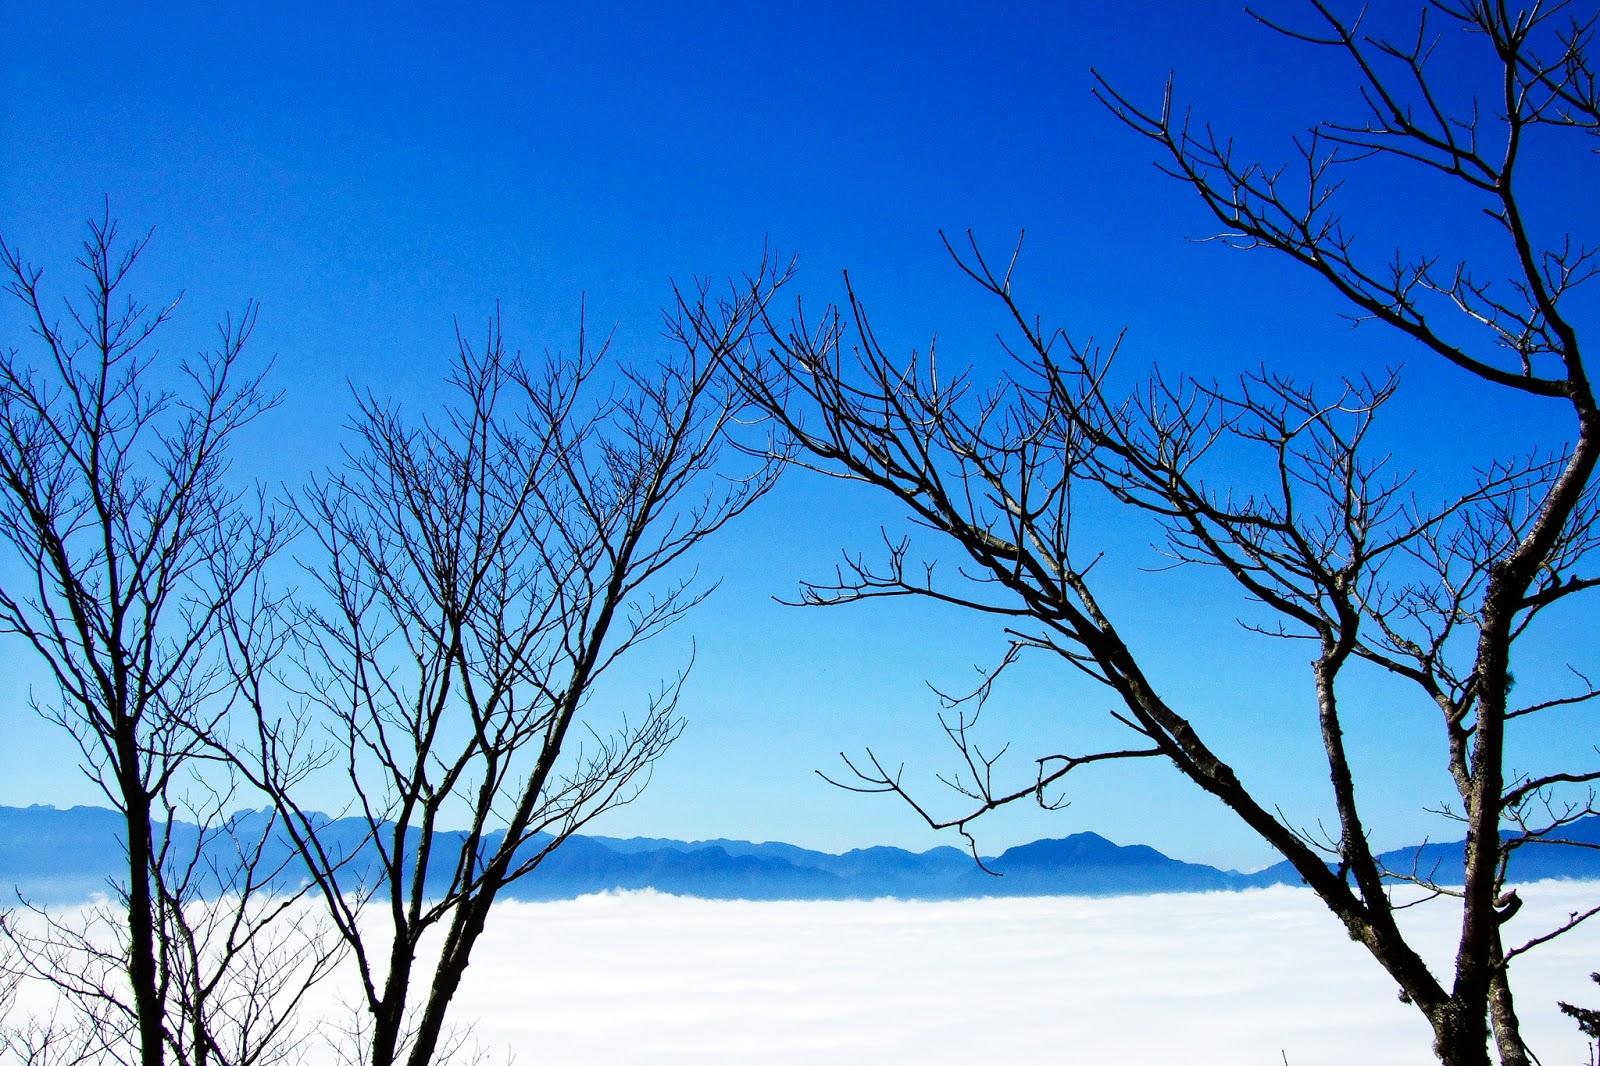 遊記|北七宜蘭之旅 Day 2:初訪太平山、見晴雲海、聖稜線